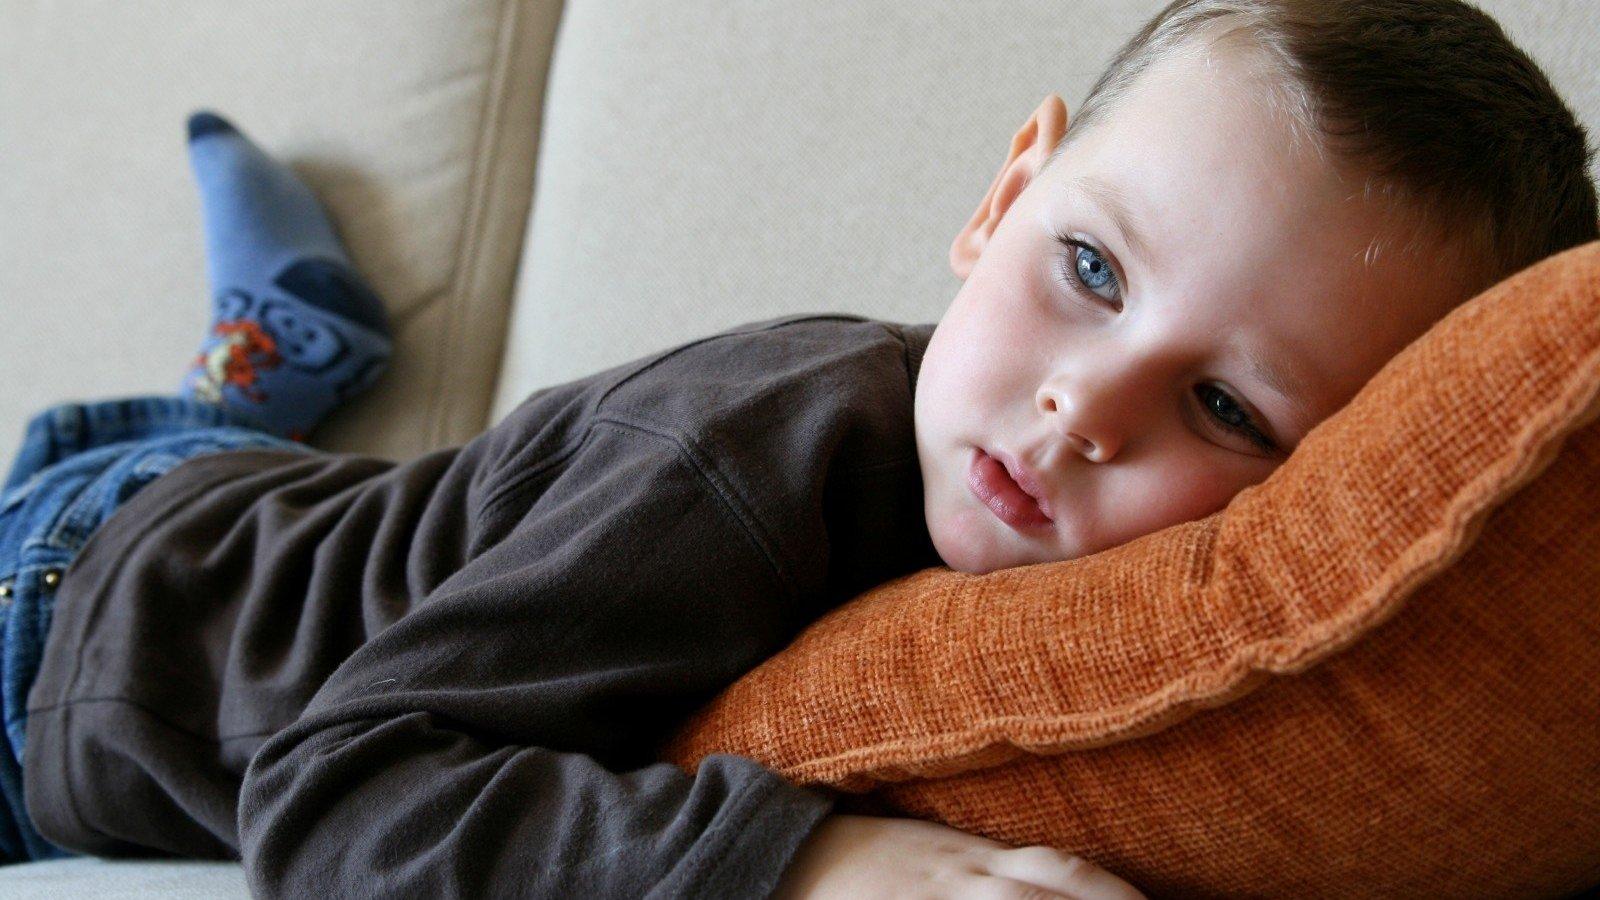 Вопреки распространенному мнению, эпилептический приступ - это не только потеря сознания, сопровождающаяся судорогами и пеной у рта.